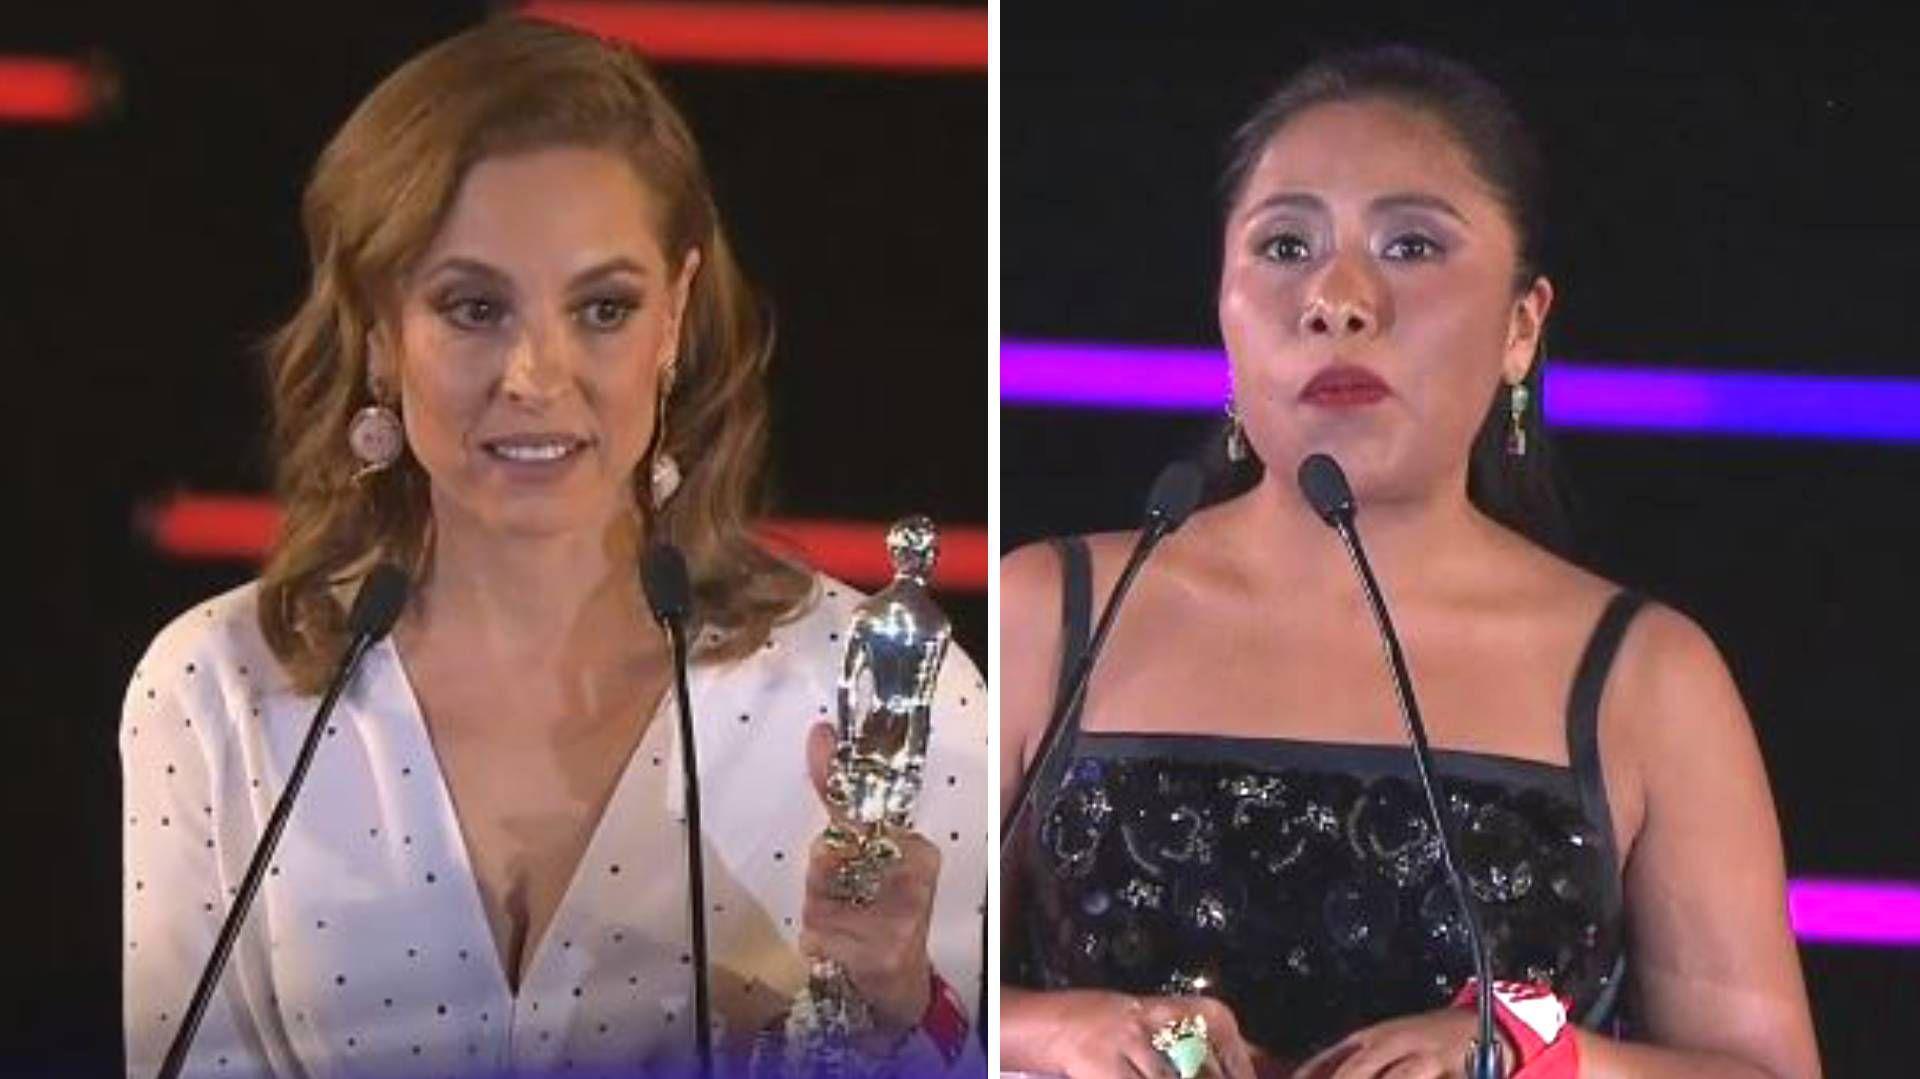 Marina de Tavira recibióun premio; Yalitza Aparicio presentó una categoría (Foto: Captura de pantalla)